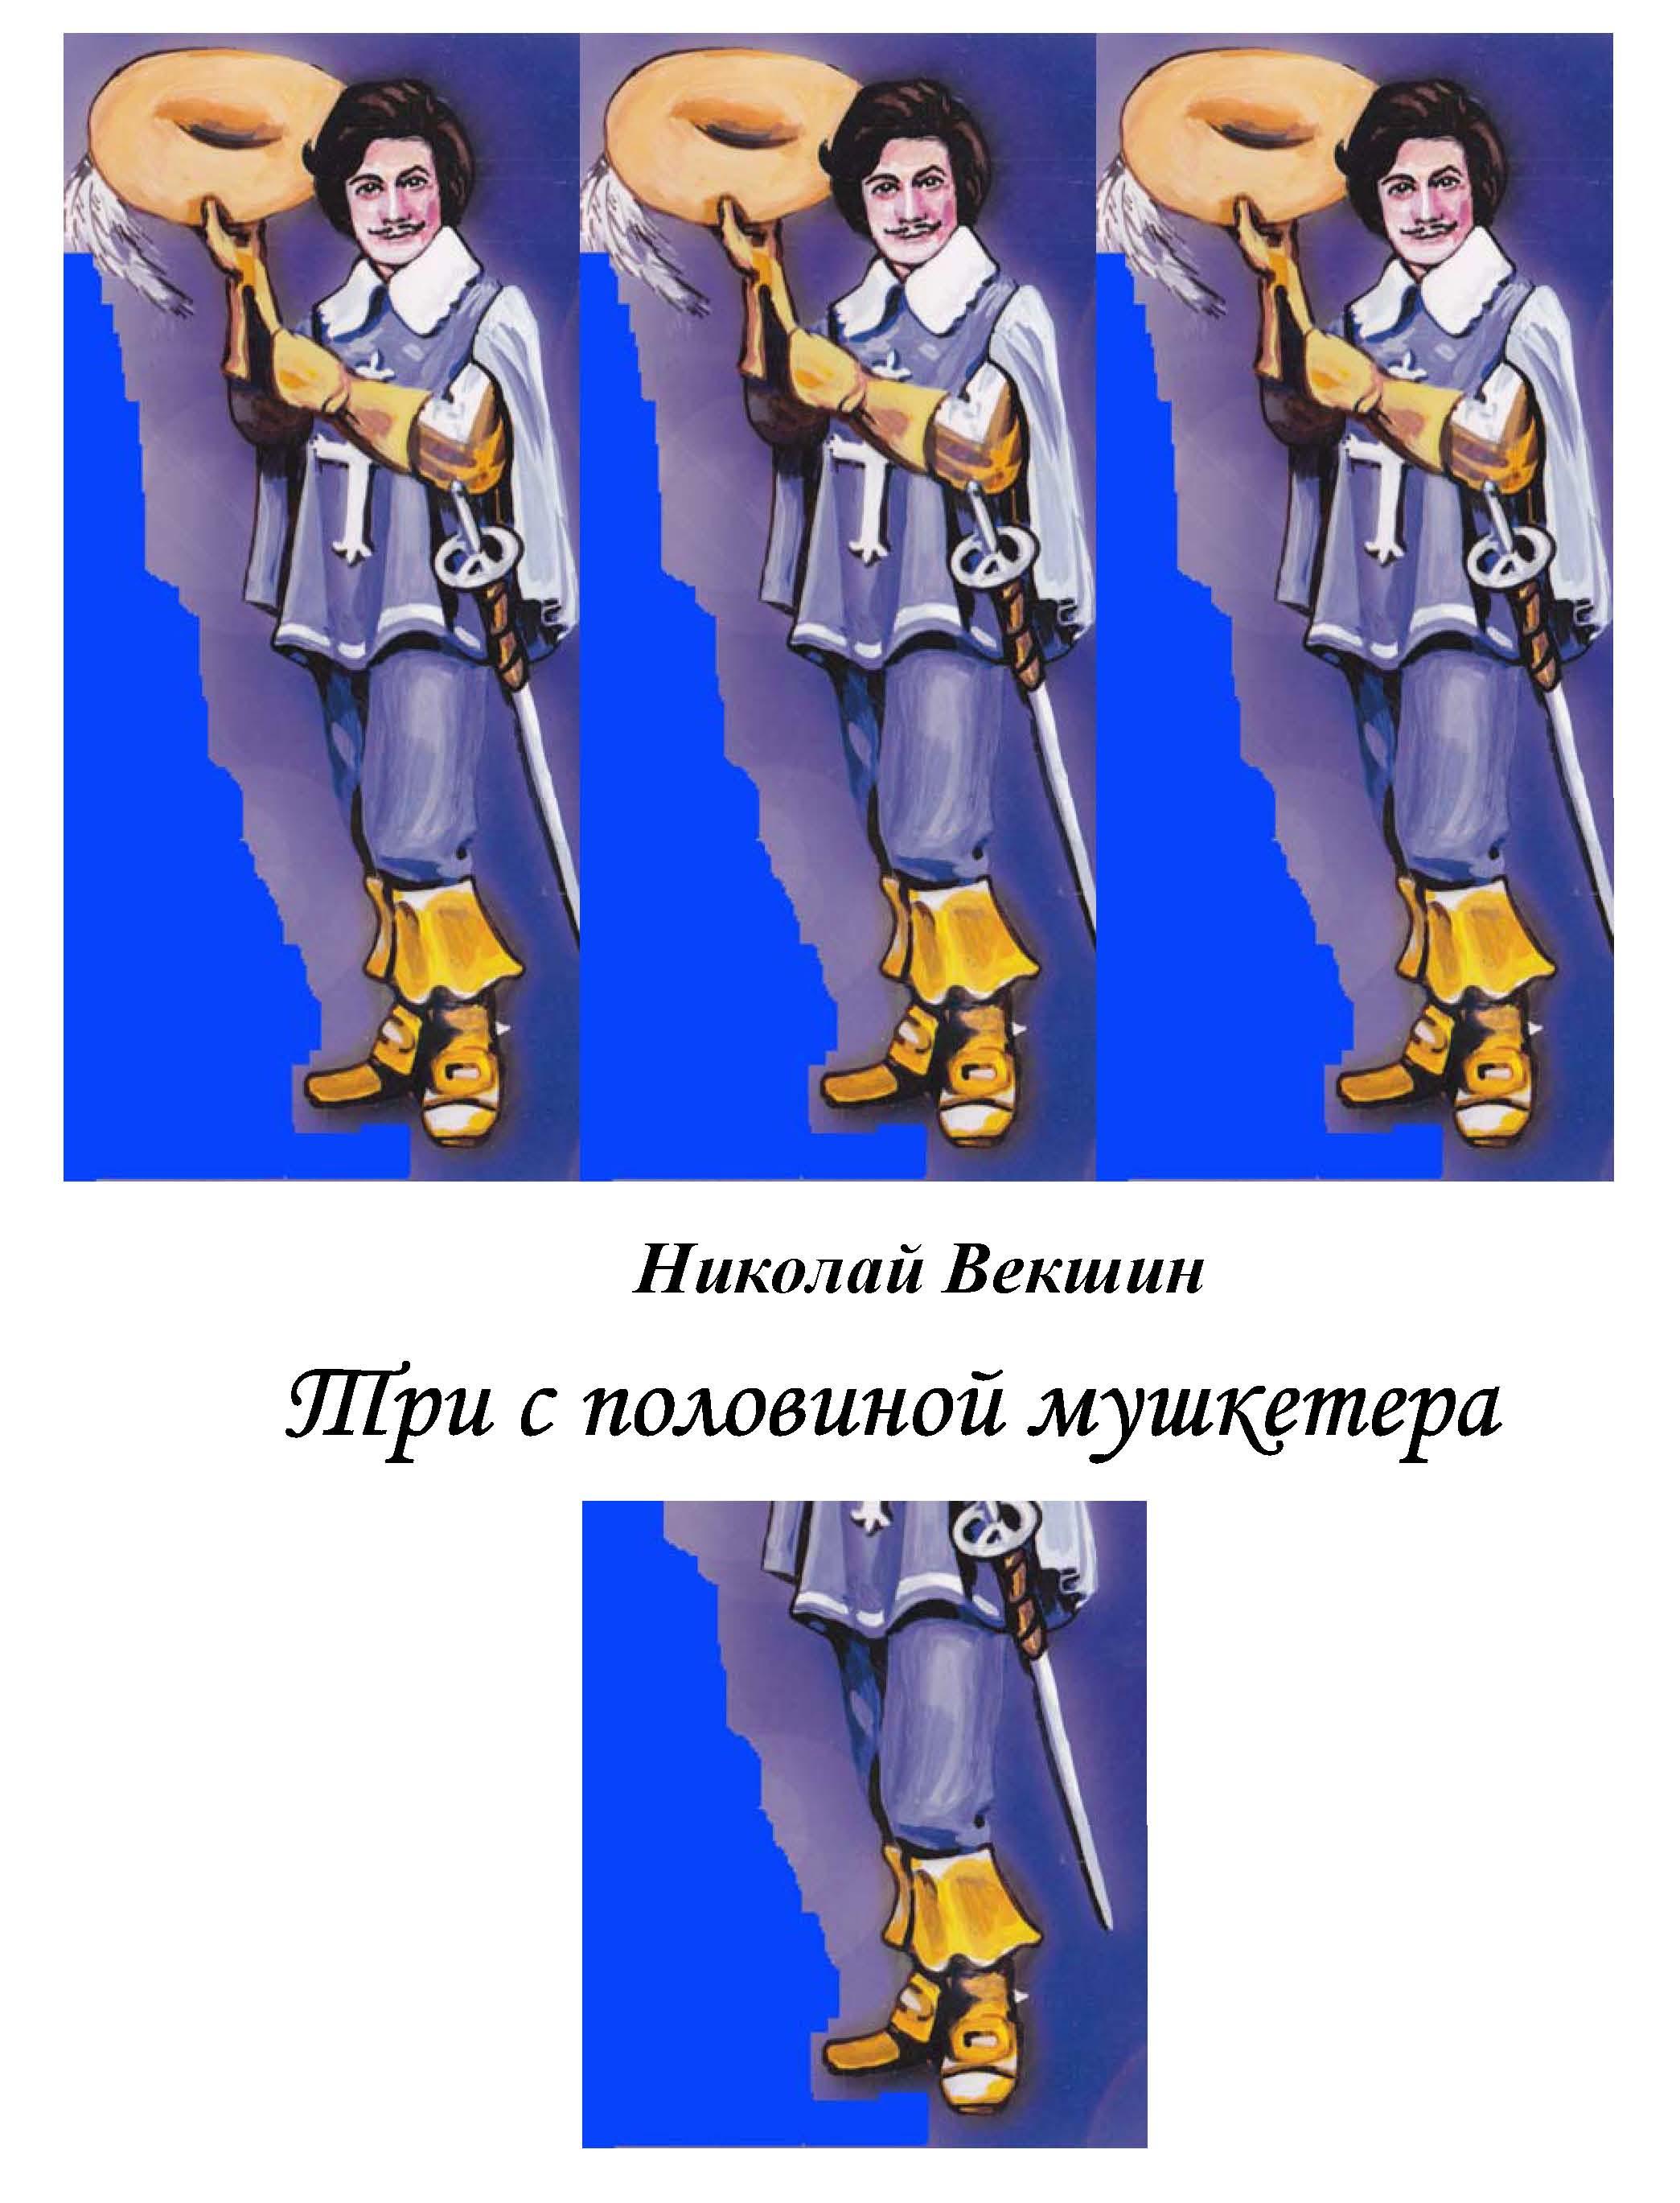 Н. Л. Векшин Три с половиной мушкетера (сборник) н л векшин три с половиной мушкетера сборник